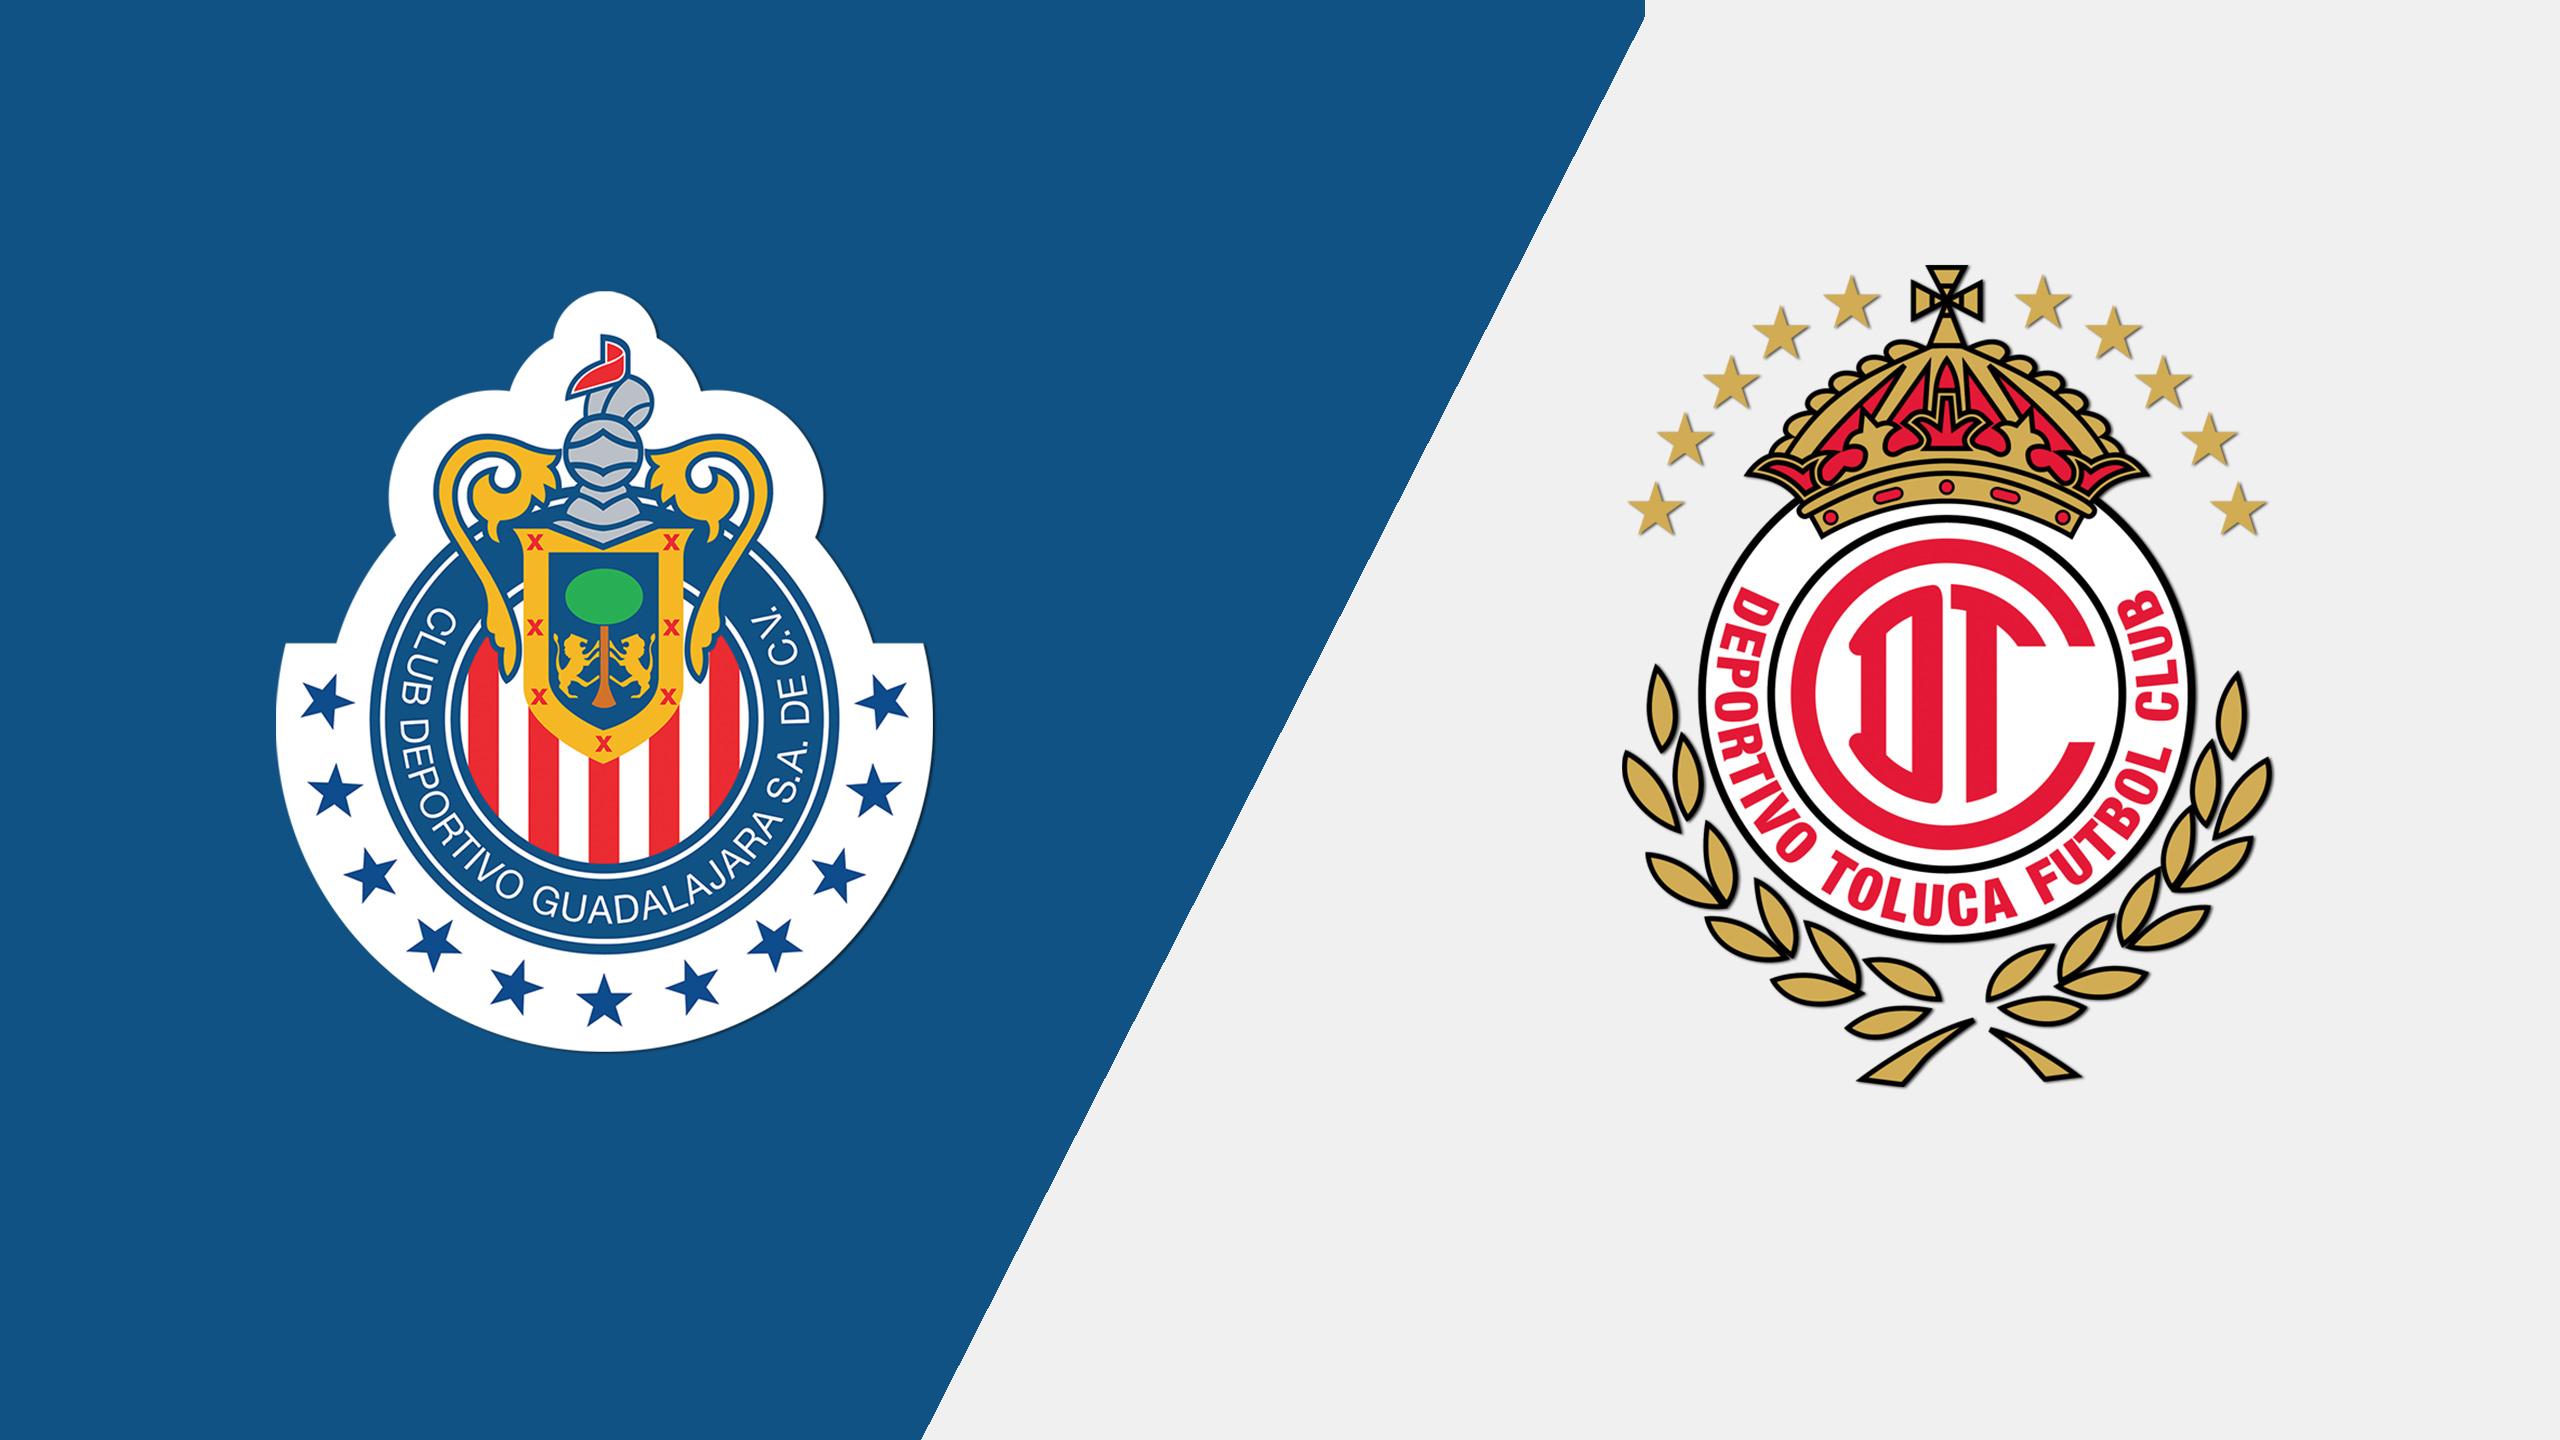 In Spanish - Chivas de Guadalajara vs. Diablos Rojos del Toluca (Jornada 3) (Liga MX)